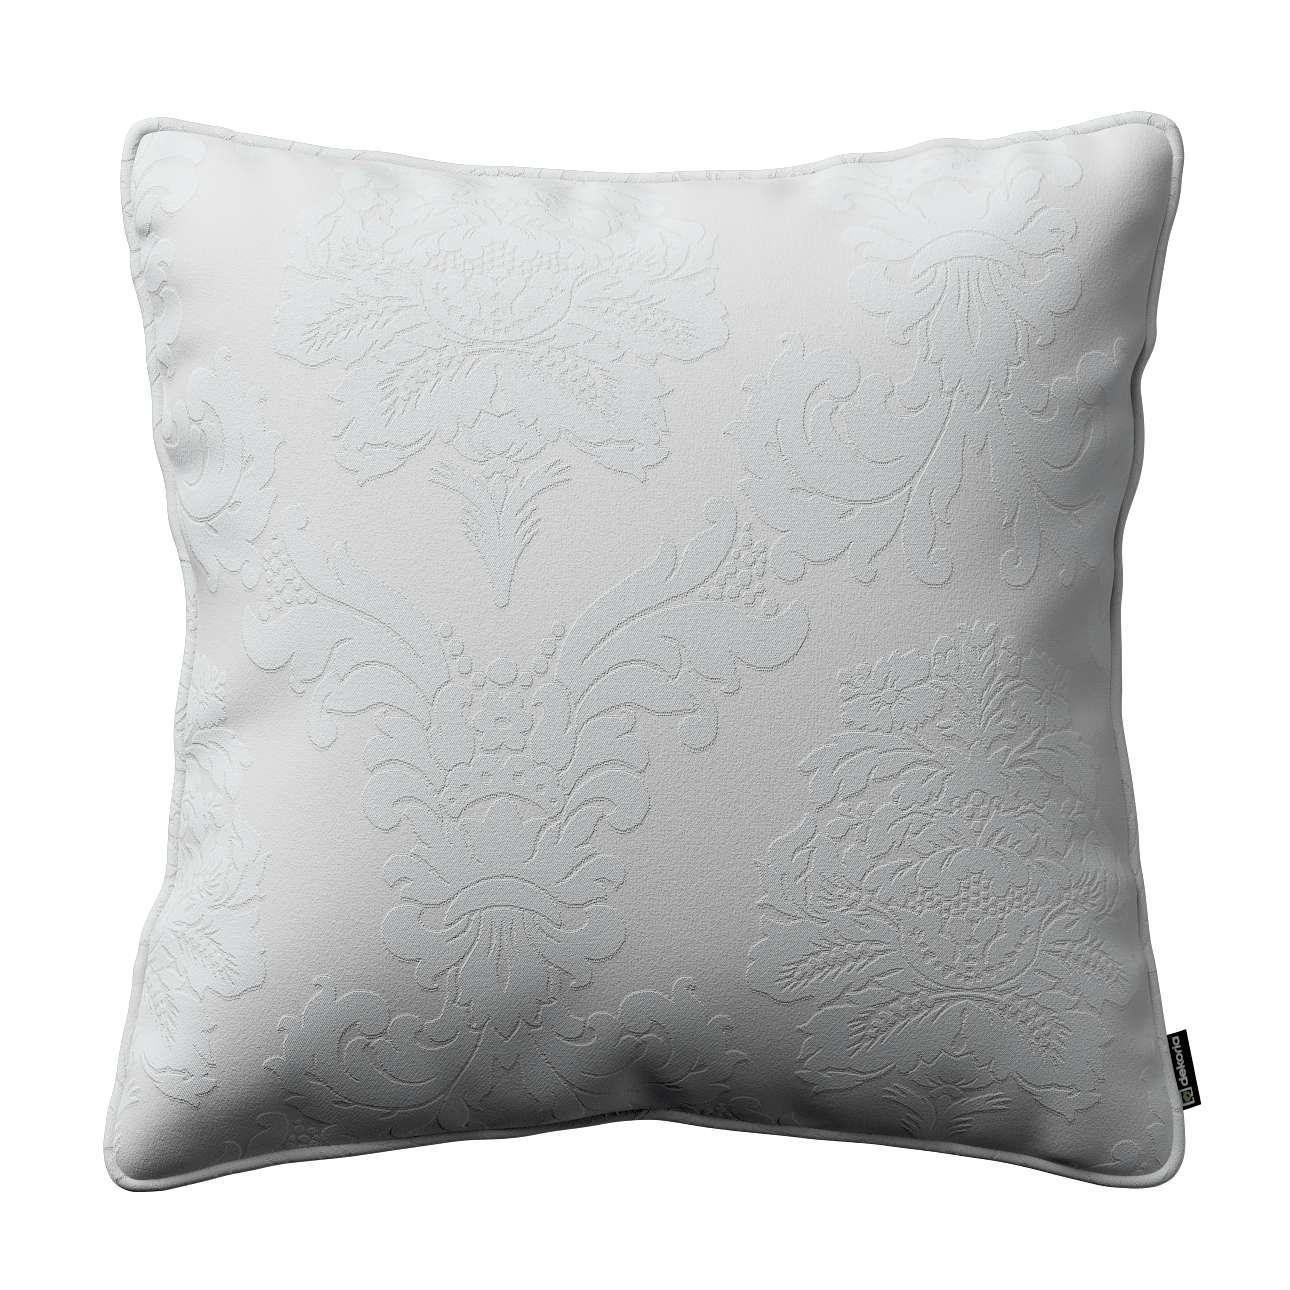 Poszewka Gabi na poduszkę 45 x 45 cm w kolekcji Damasco, tkanina: 613-81